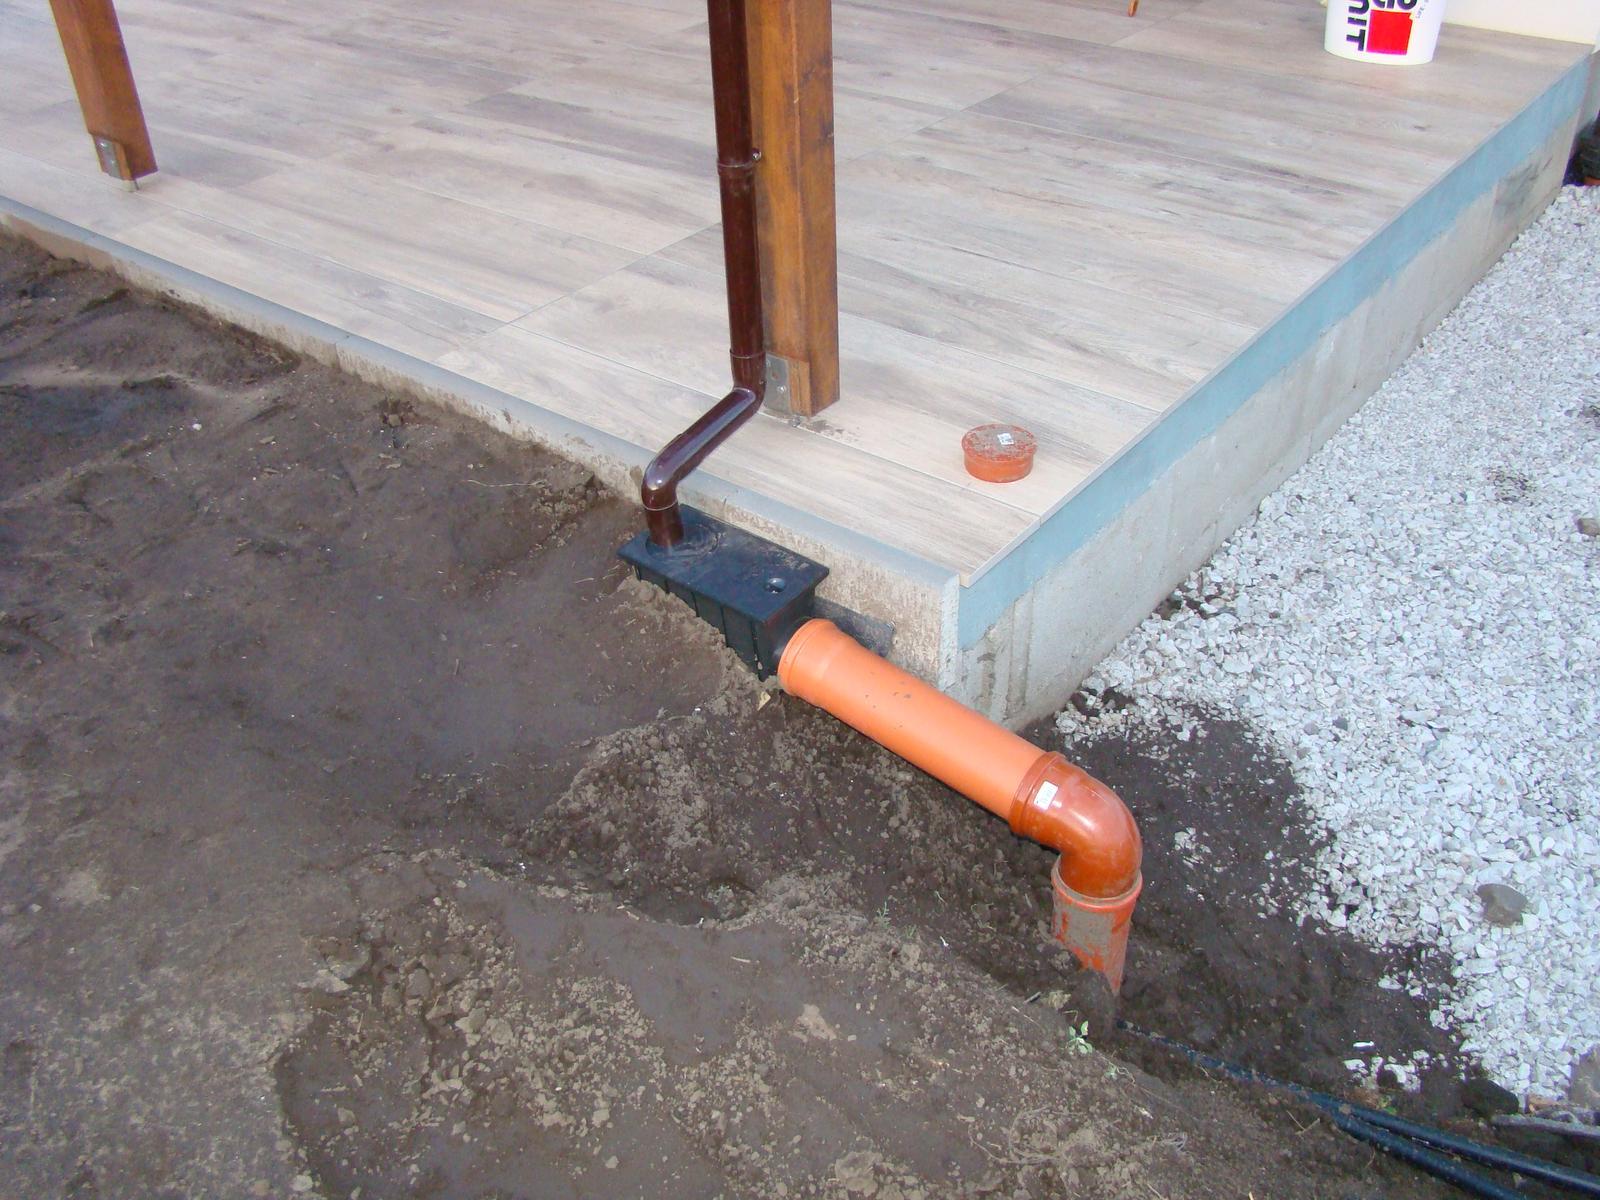 Terasa k domu - Detail napojenia dažďového zvodu do vsakovacej jamy a pätky konštrukcie.